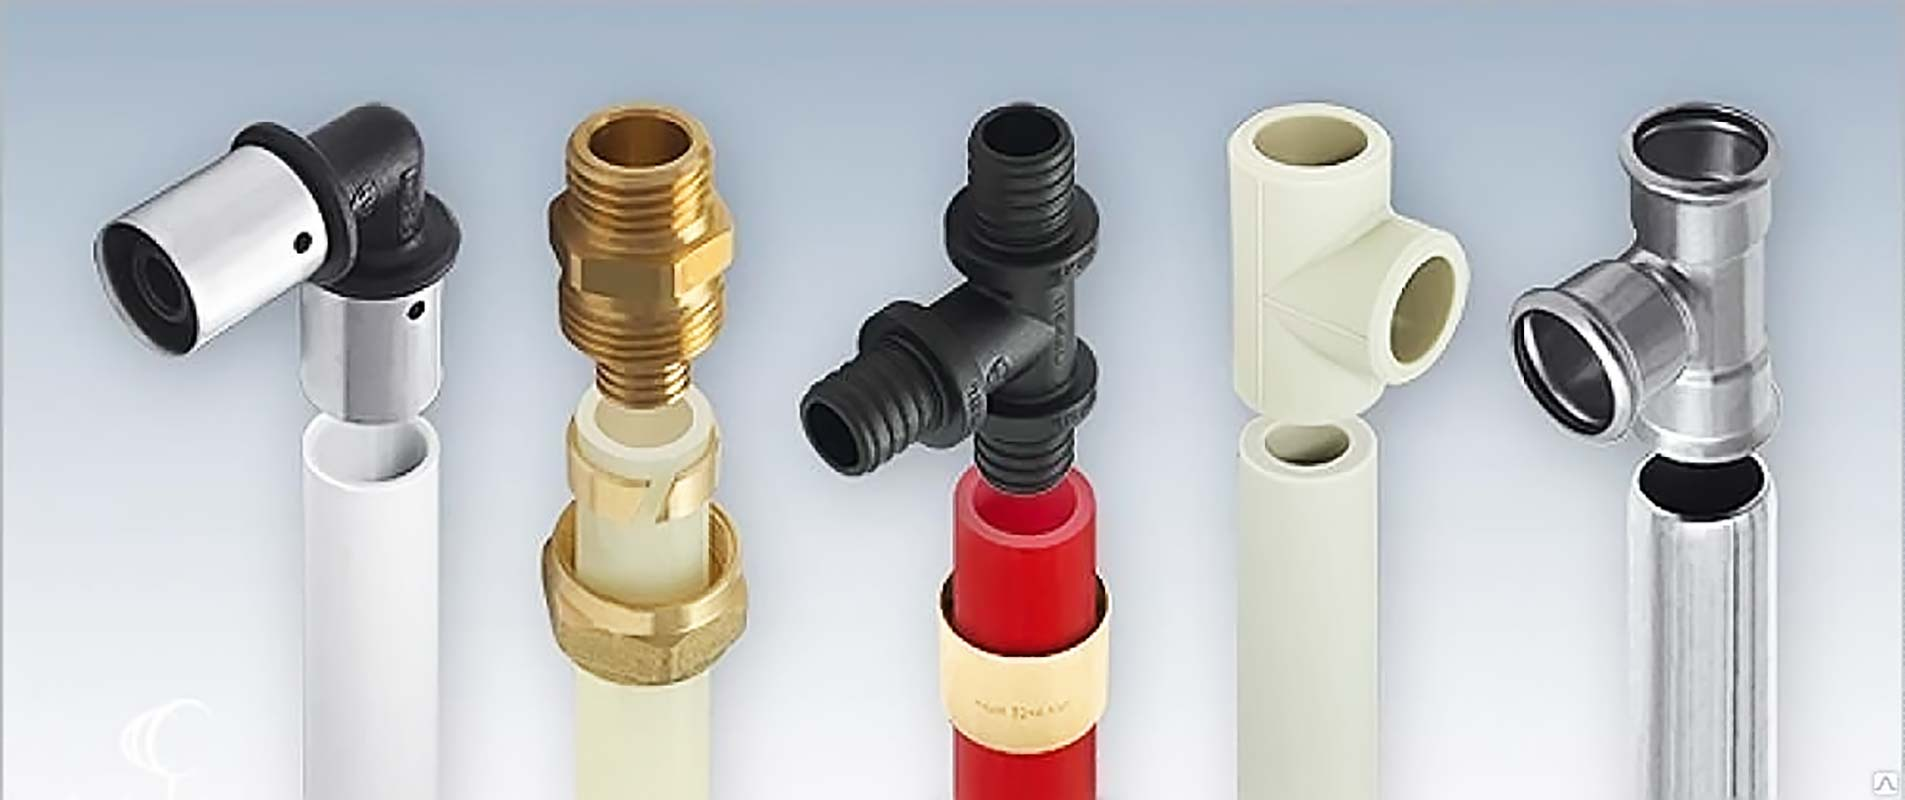 Труба водопроводная пластиковая: Разновидности, Особенности, Виды и Монтаж +Видео